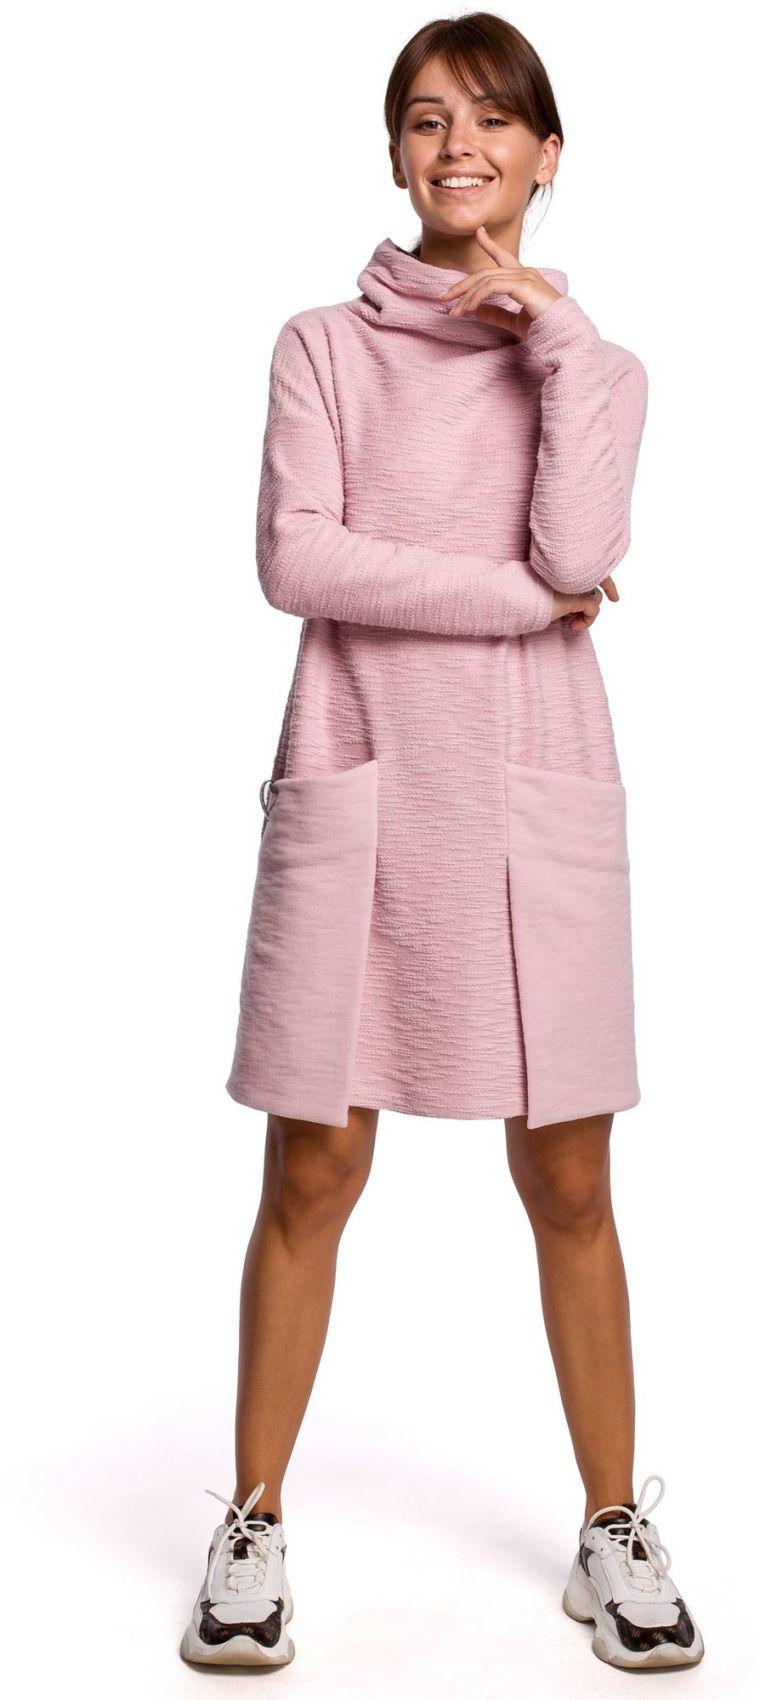 B177 Sukienka z kieszeniami naszywanymi - pudrowa